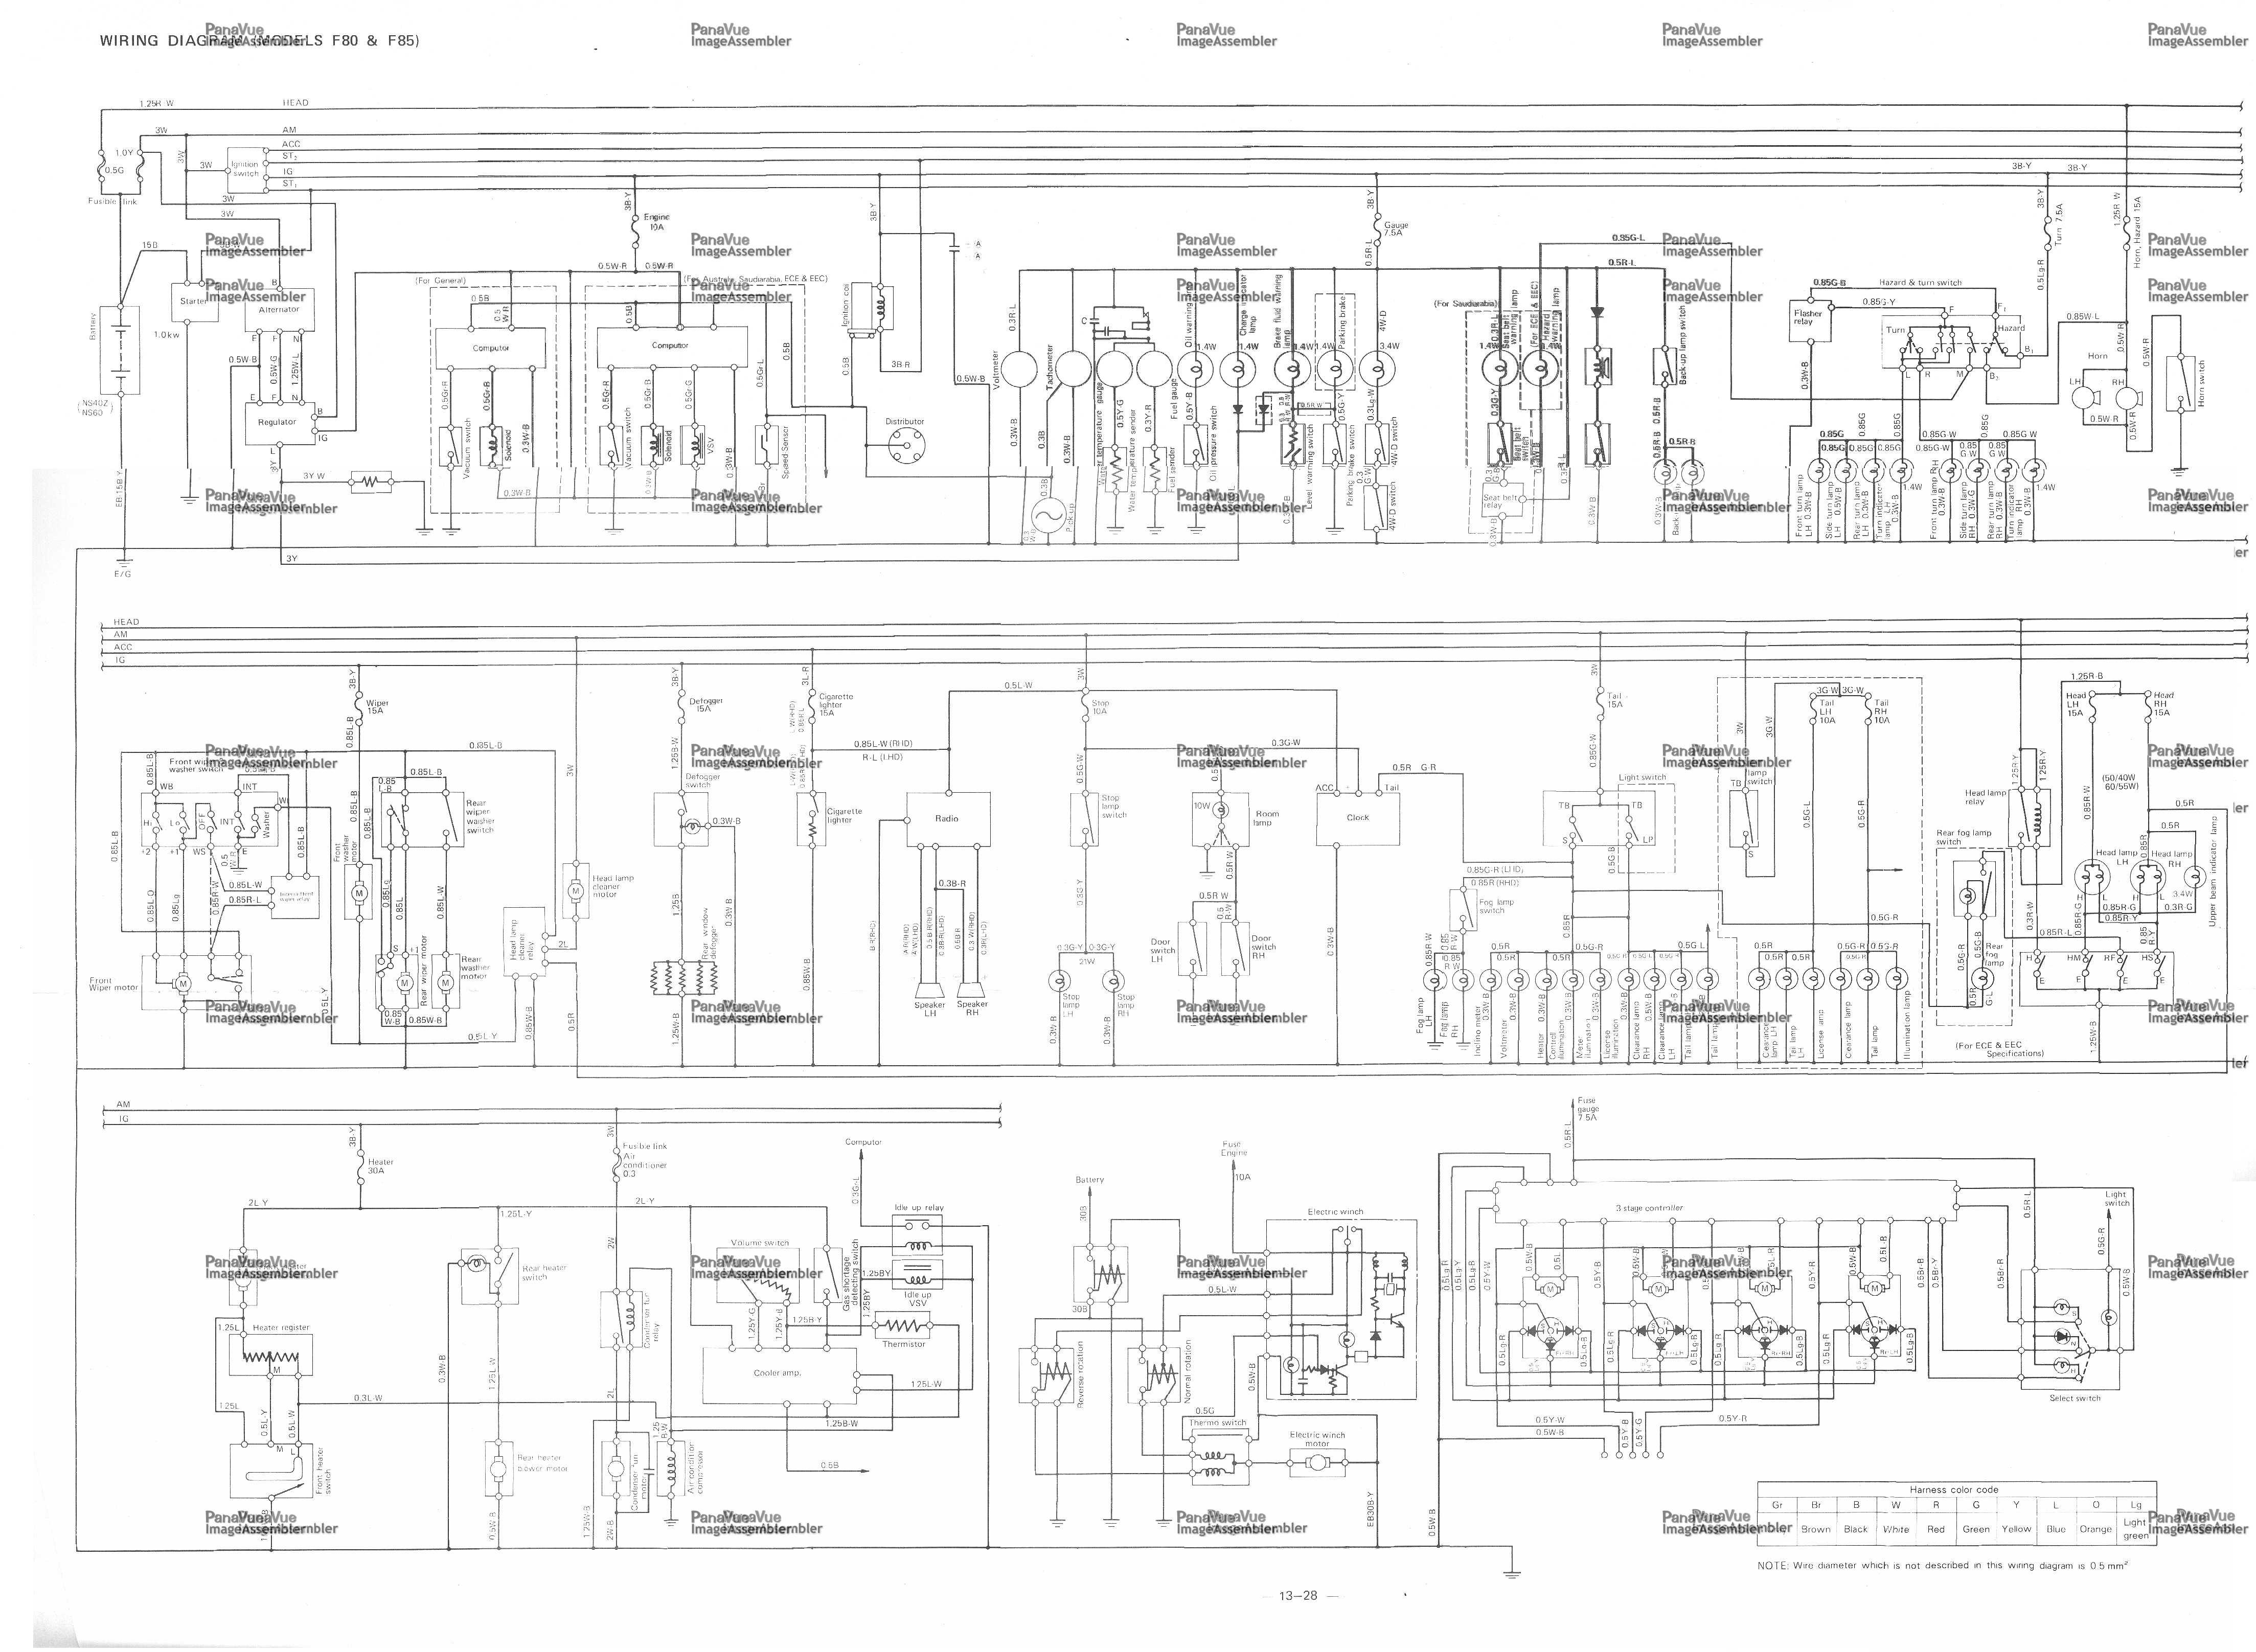 ferrari dino wiring diagram online wiring diagram rh 5 immobilien stammtisch de Kawasaki Wiring Diagrams fiat